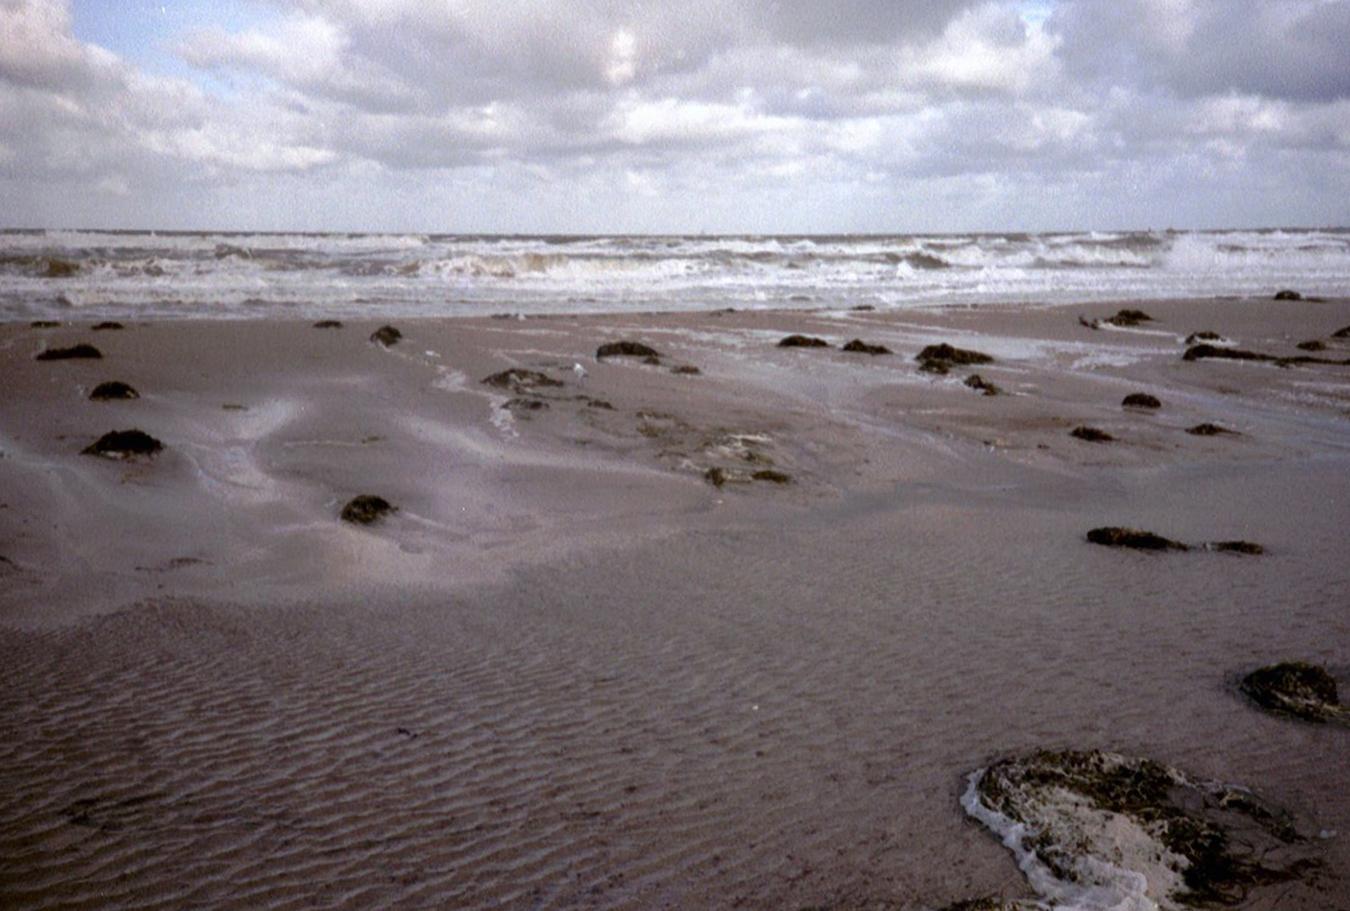 Lomografie – Sandbank in Warnemünde